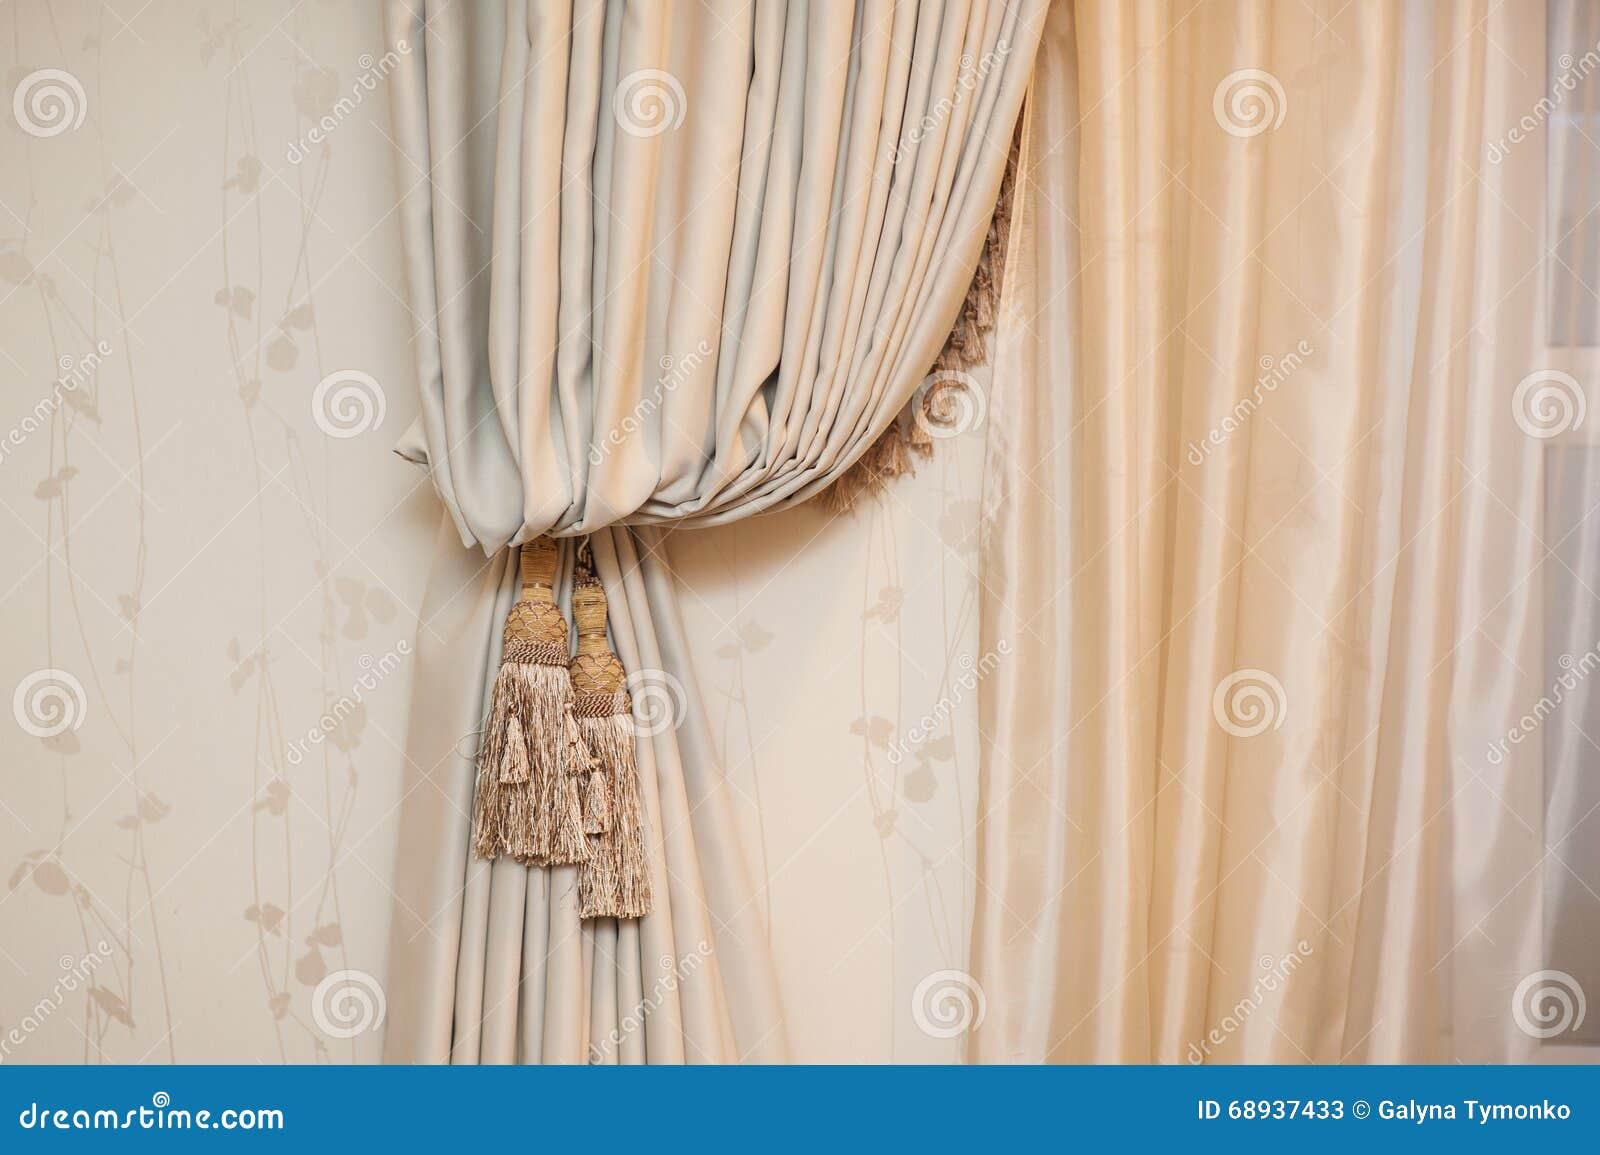 borstel op de gordijnen in beige ruimte